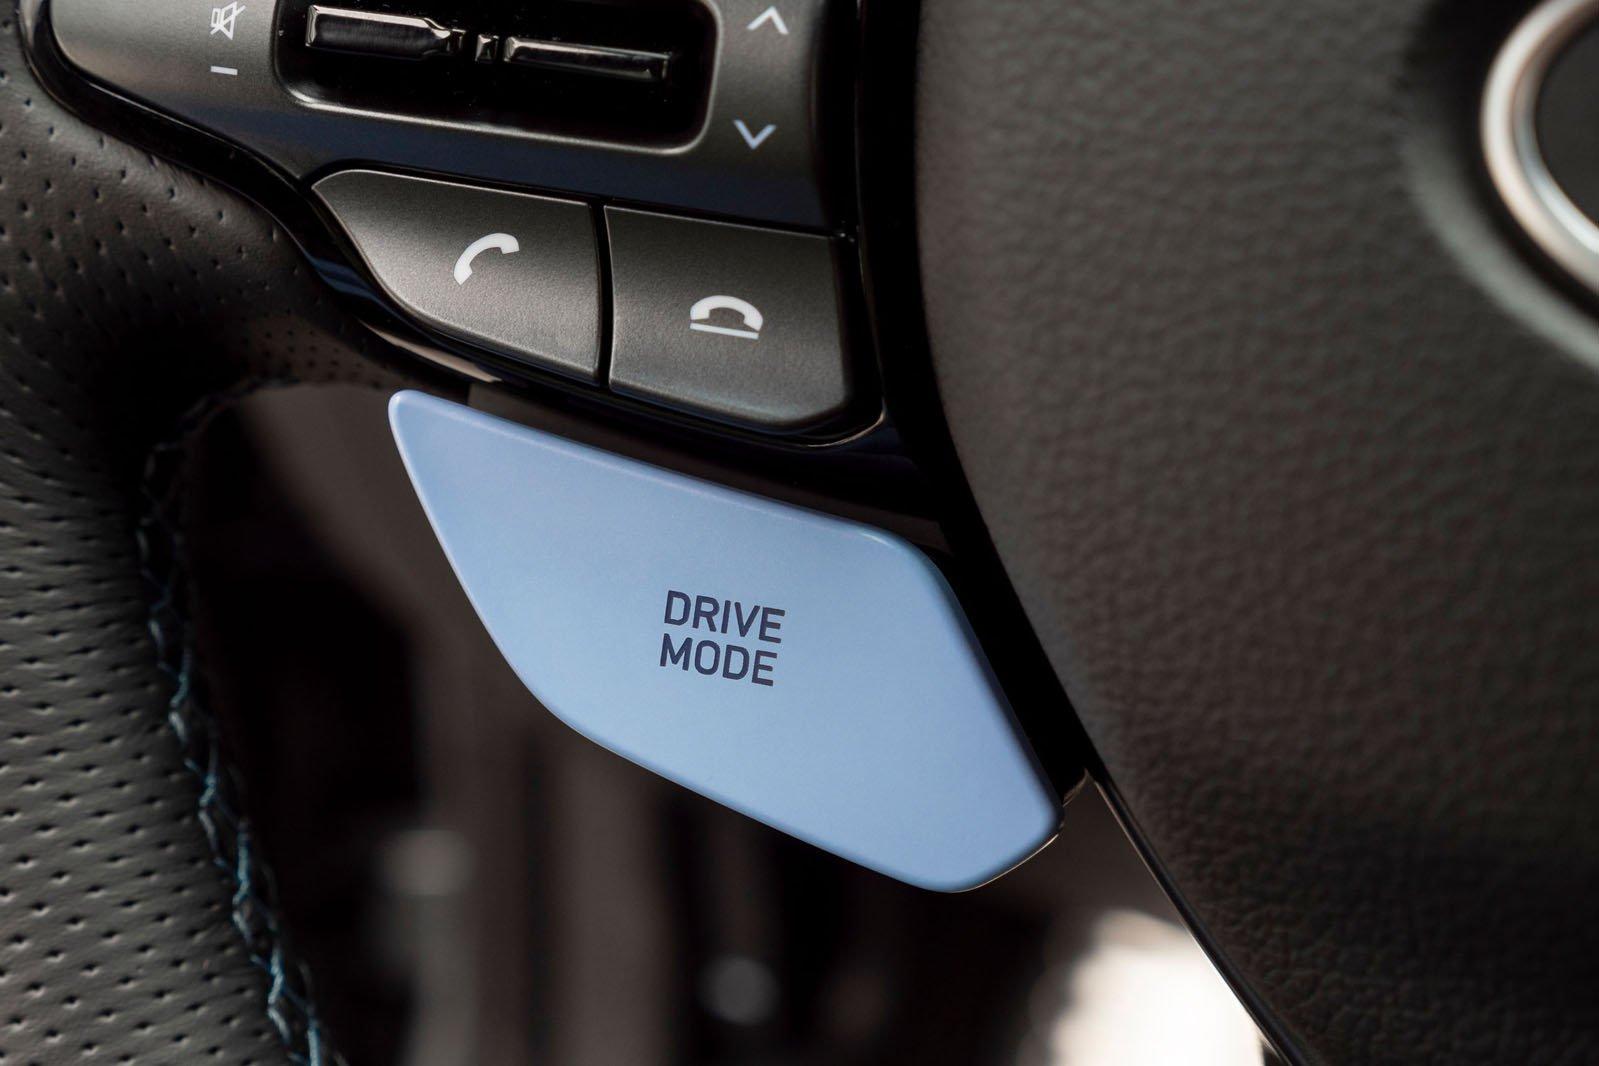 2021 Hyundai i30 Fastback N mode switch